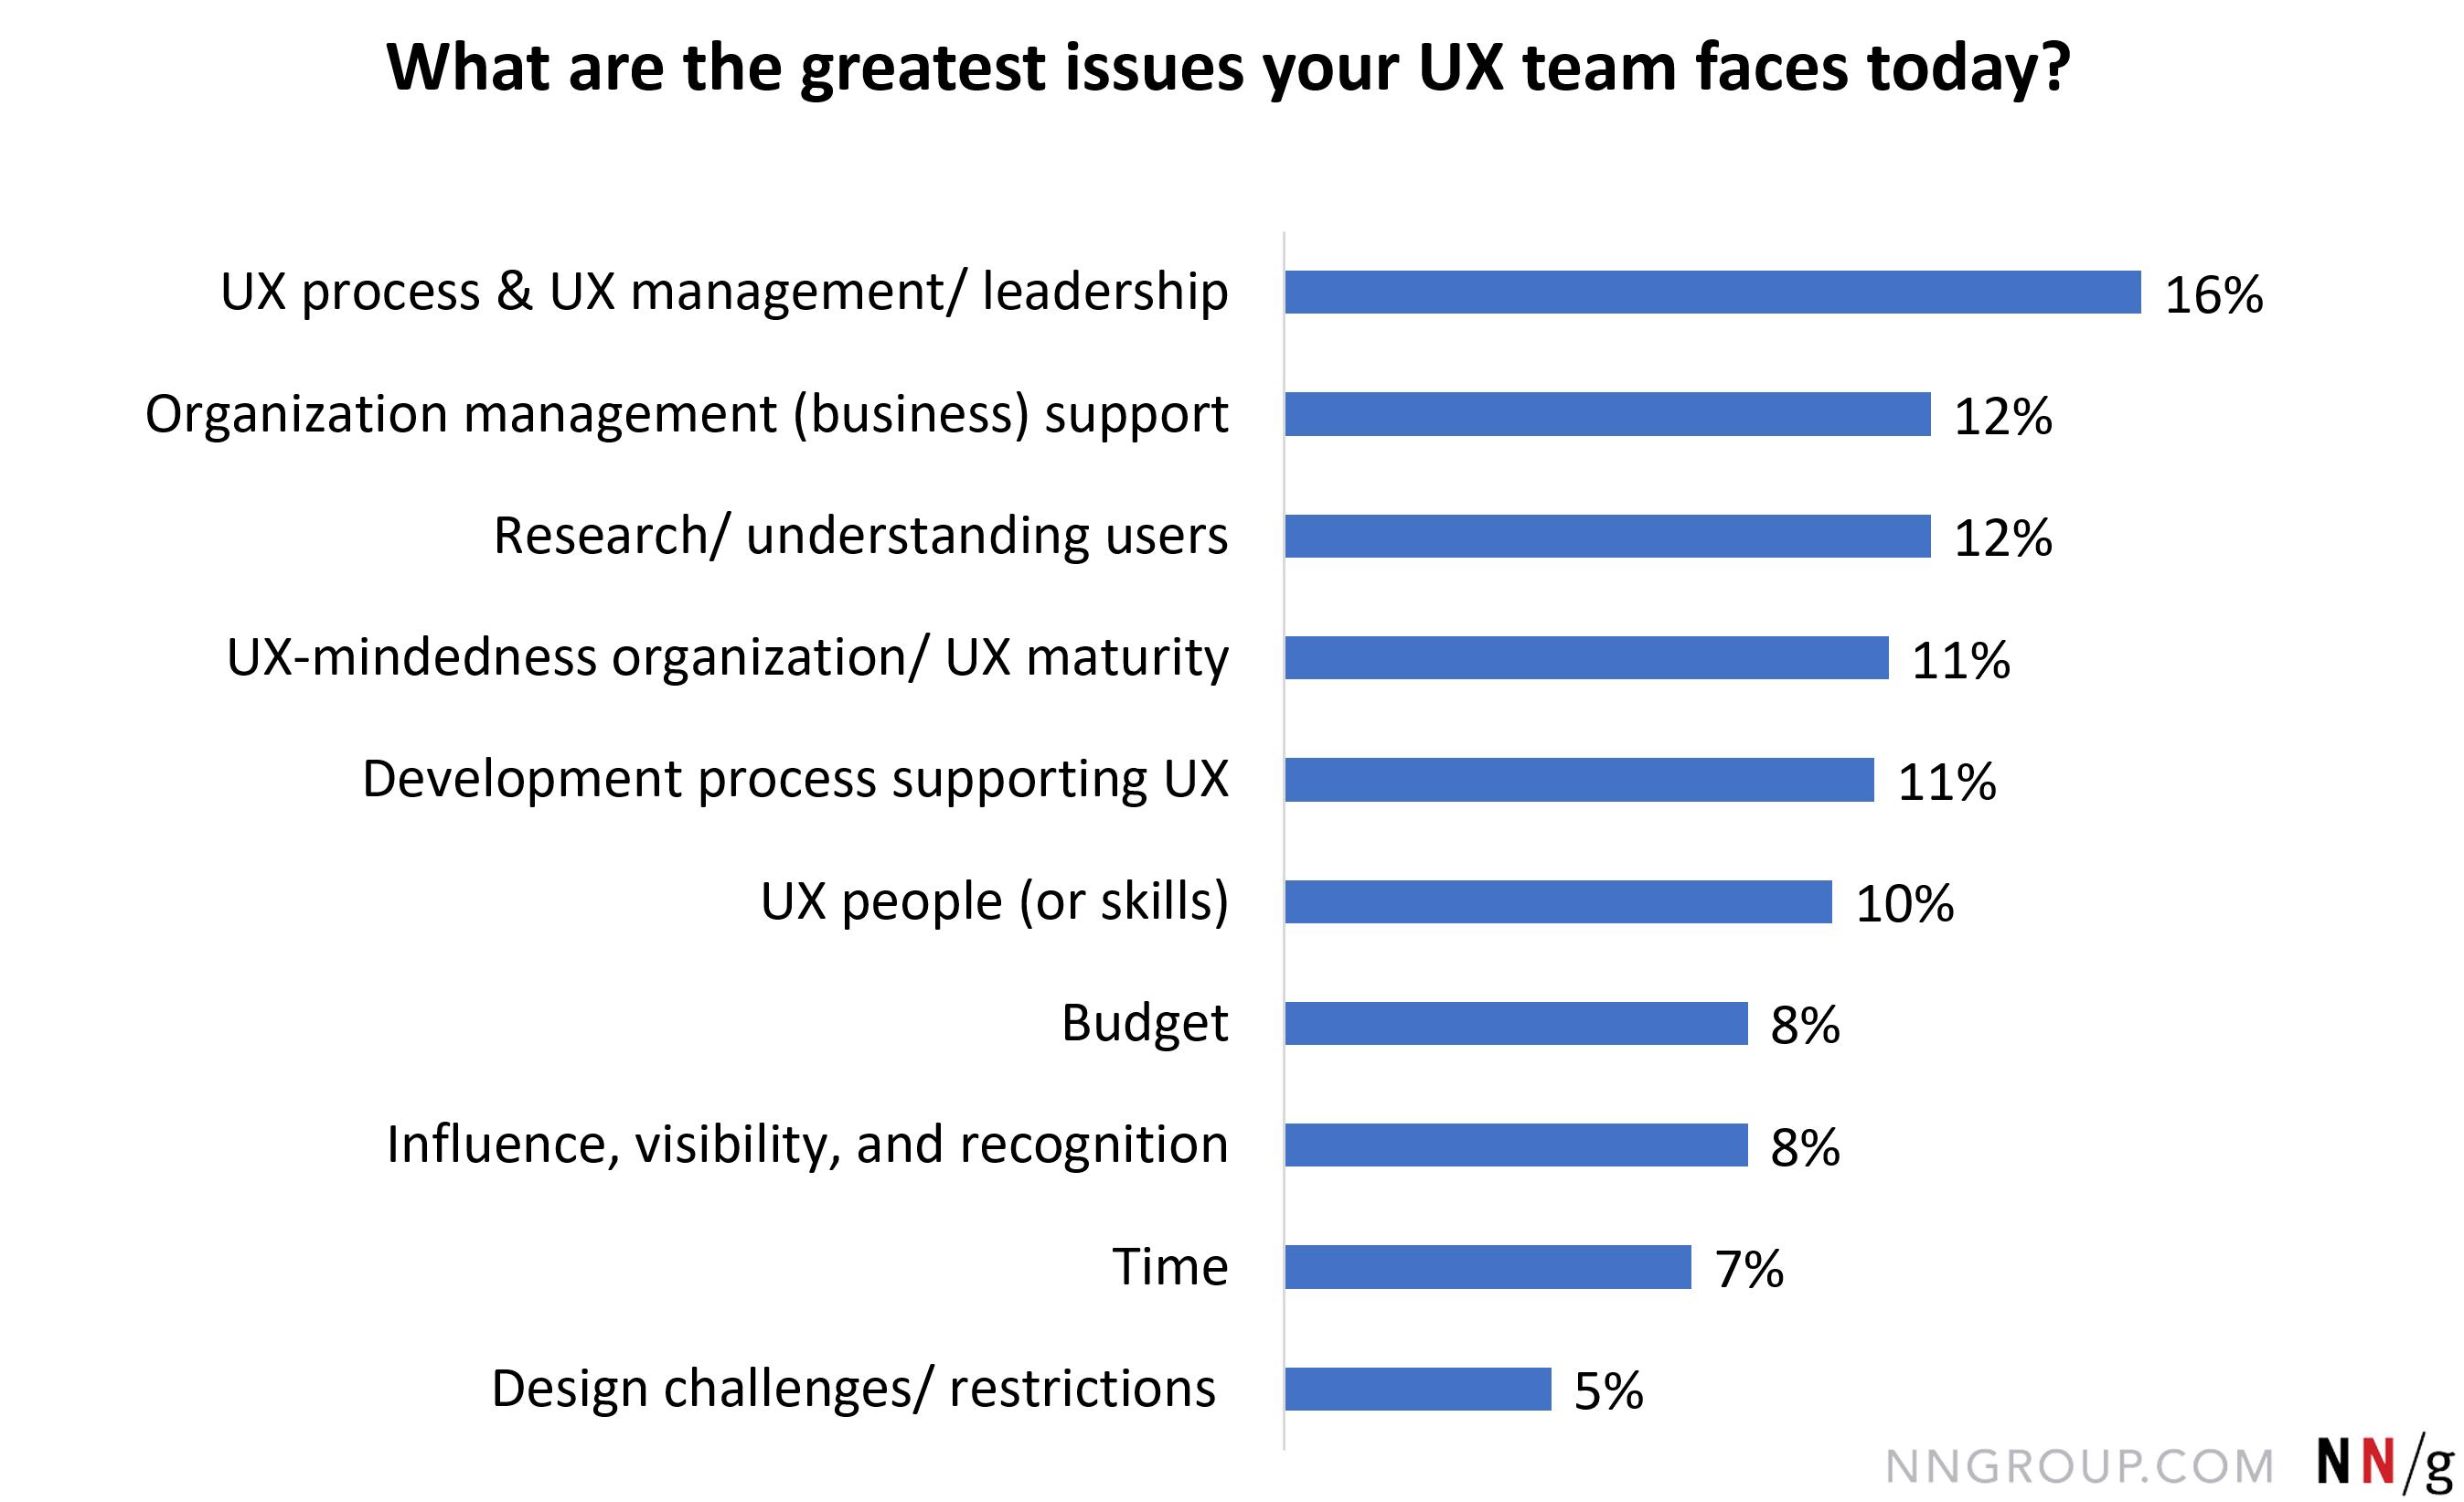 万博官网manbetx下载用户体验过程与用户体验管理/领导,16%;研究/理解用户,12%;管理(业务)的支持,12%;万博官网manbetx下载UX思维组织/UX成熟度,11%;开发过程支持用户体验,万博官网manbetx下载11%;万博官网manbetx下载用户体验(或技能),10%;的影响,可见性、和认可,8%;预算,8%;时间,7%;manbetx官方网站手机版设计的挑战;和约束与遗留,平台,合法的,等。,5%。。